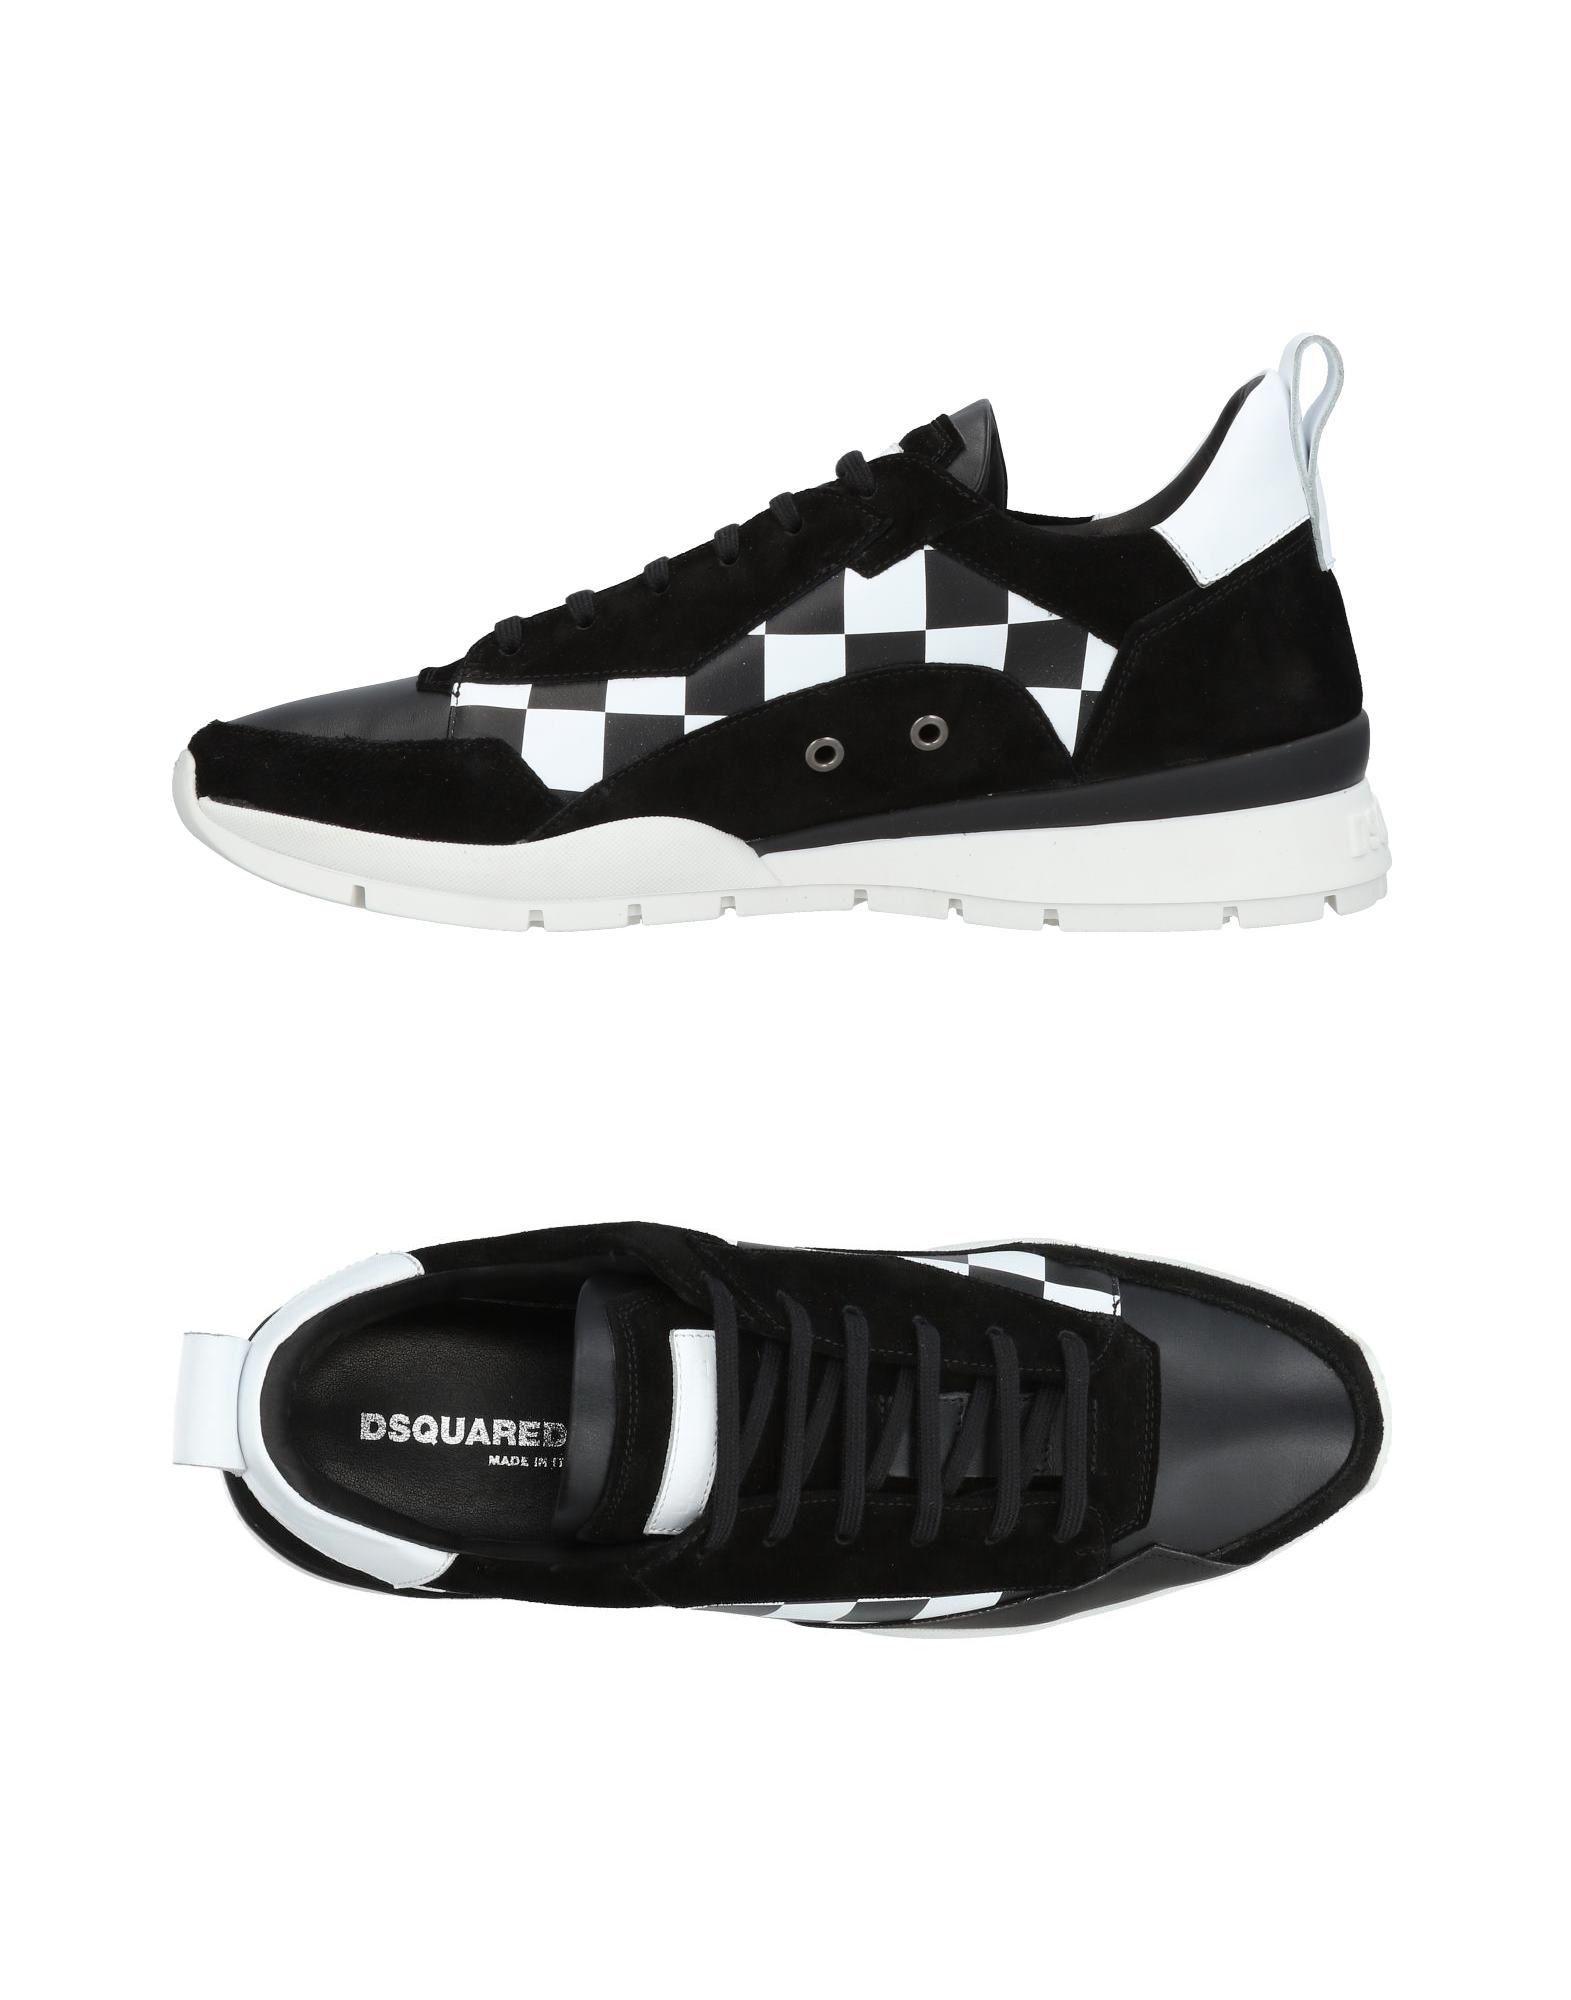 Moda Sneakers Dsquared2 Uomo Uomo Dsquared2 - 11441820NF 121eb2